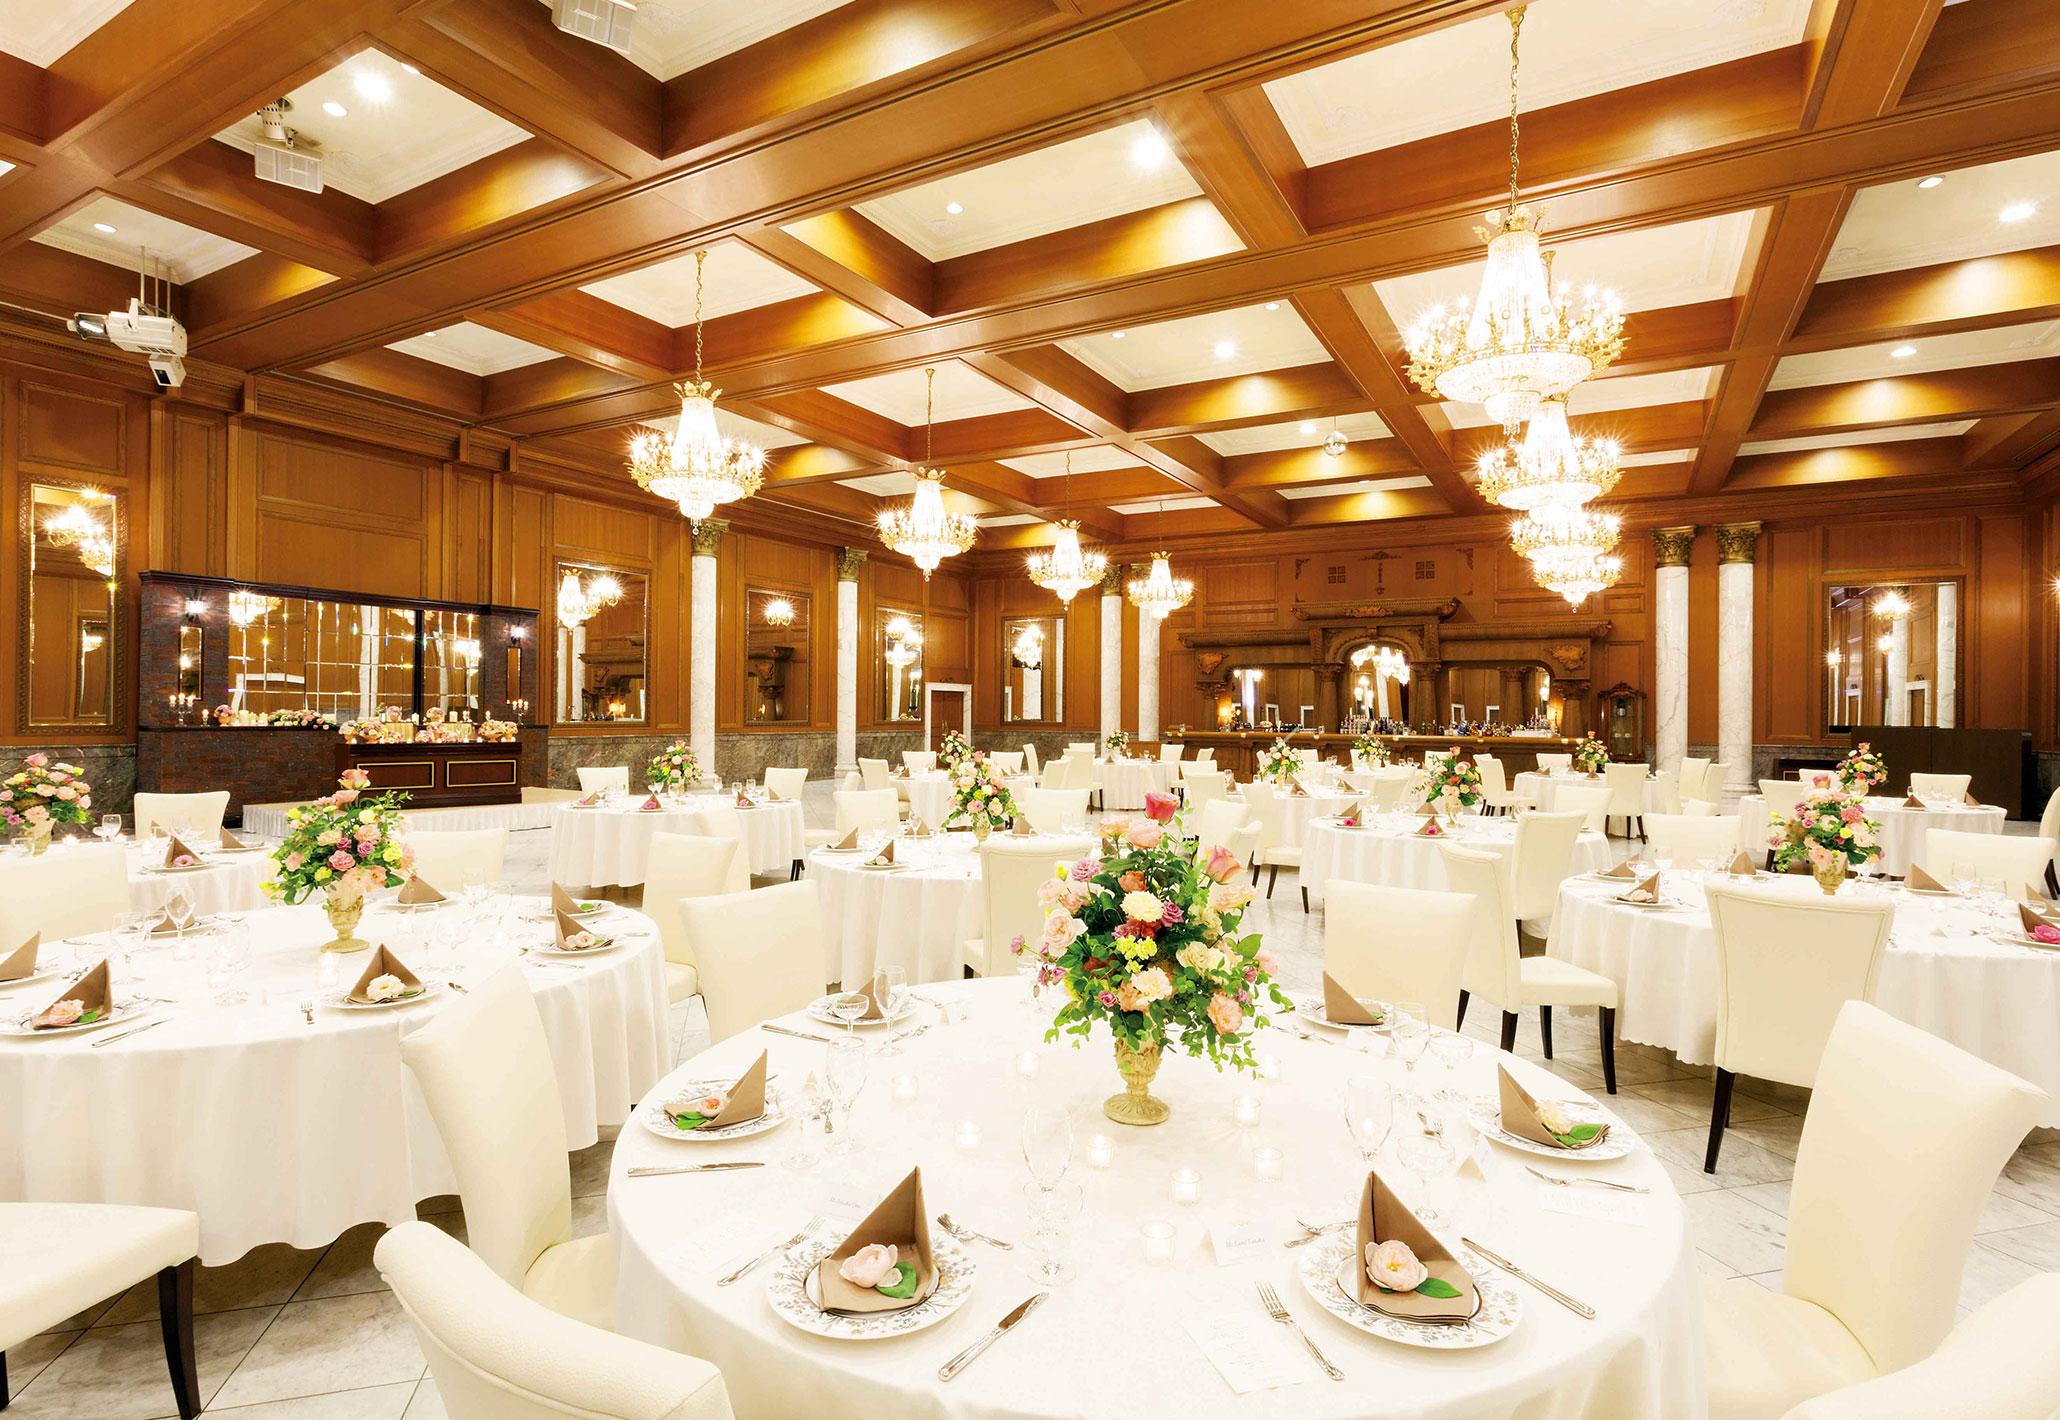 ゲストの着席人数に比べて広めの会場は、大勢を招待しても広々と使える。人数によって会場の大きさがフレキシブルに変えられるのもうれしい。余興には、備え付けのステージや照明も使って一層華やかに | 愛媛県西条市の結婚式場ベルフォーレ西条